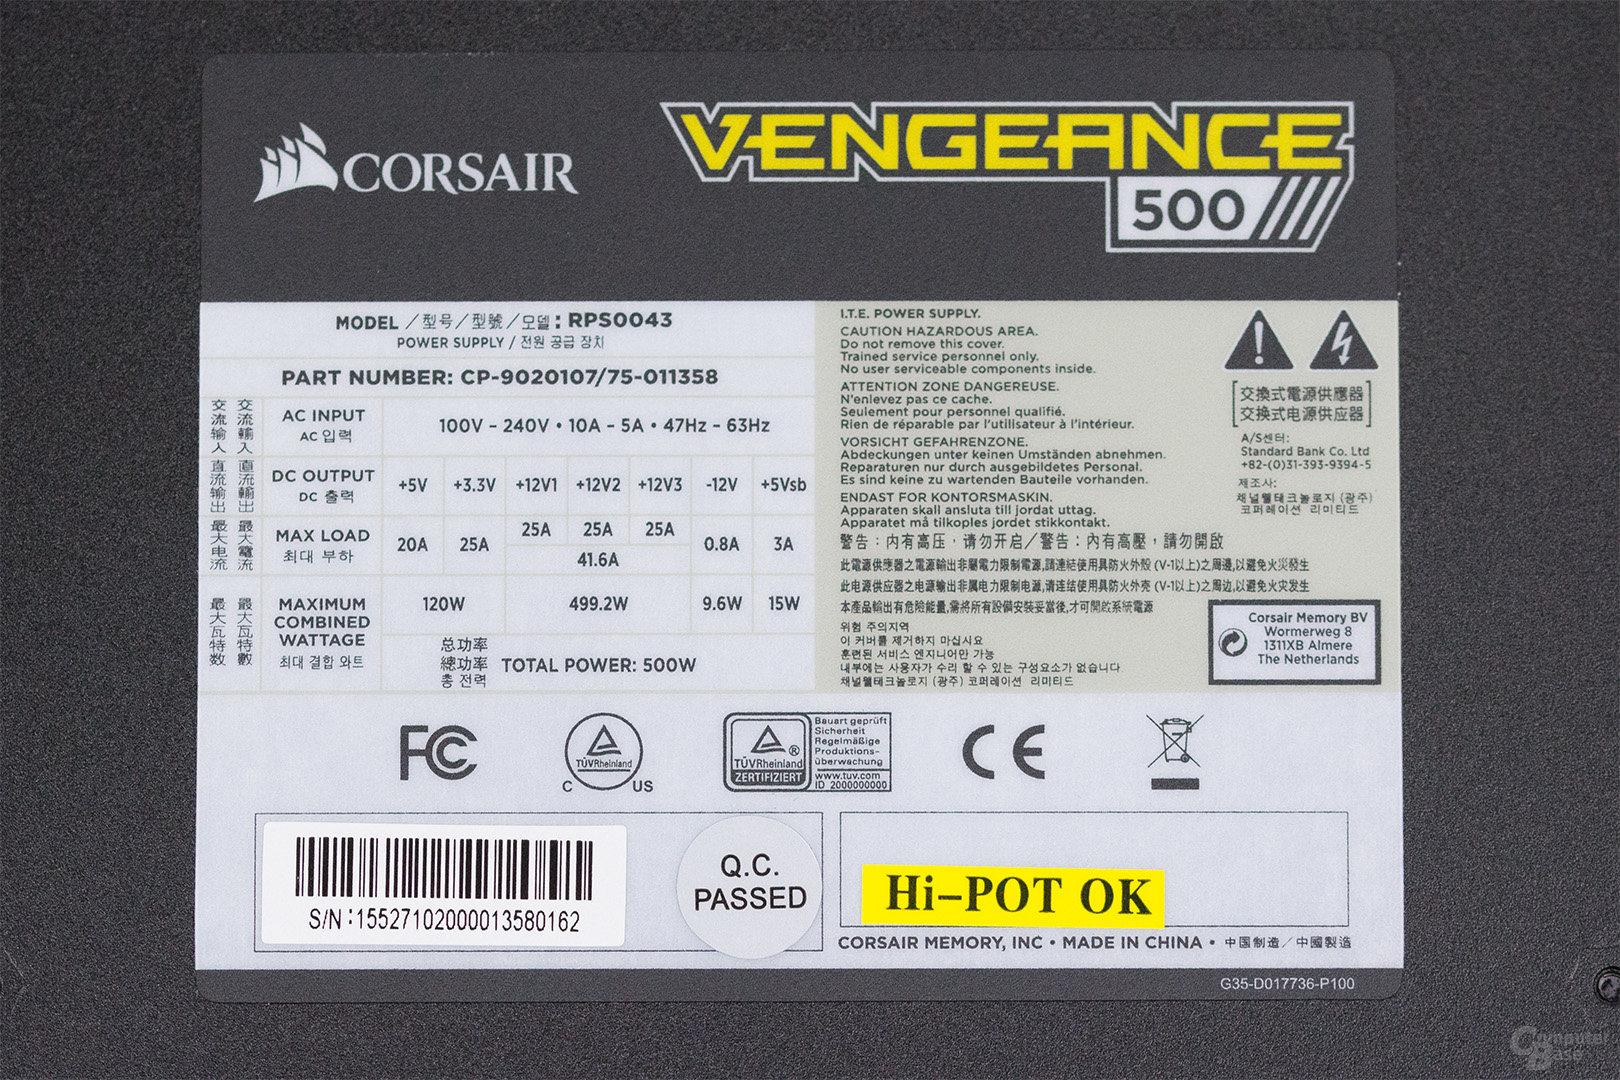 Corsair Vengeance 500